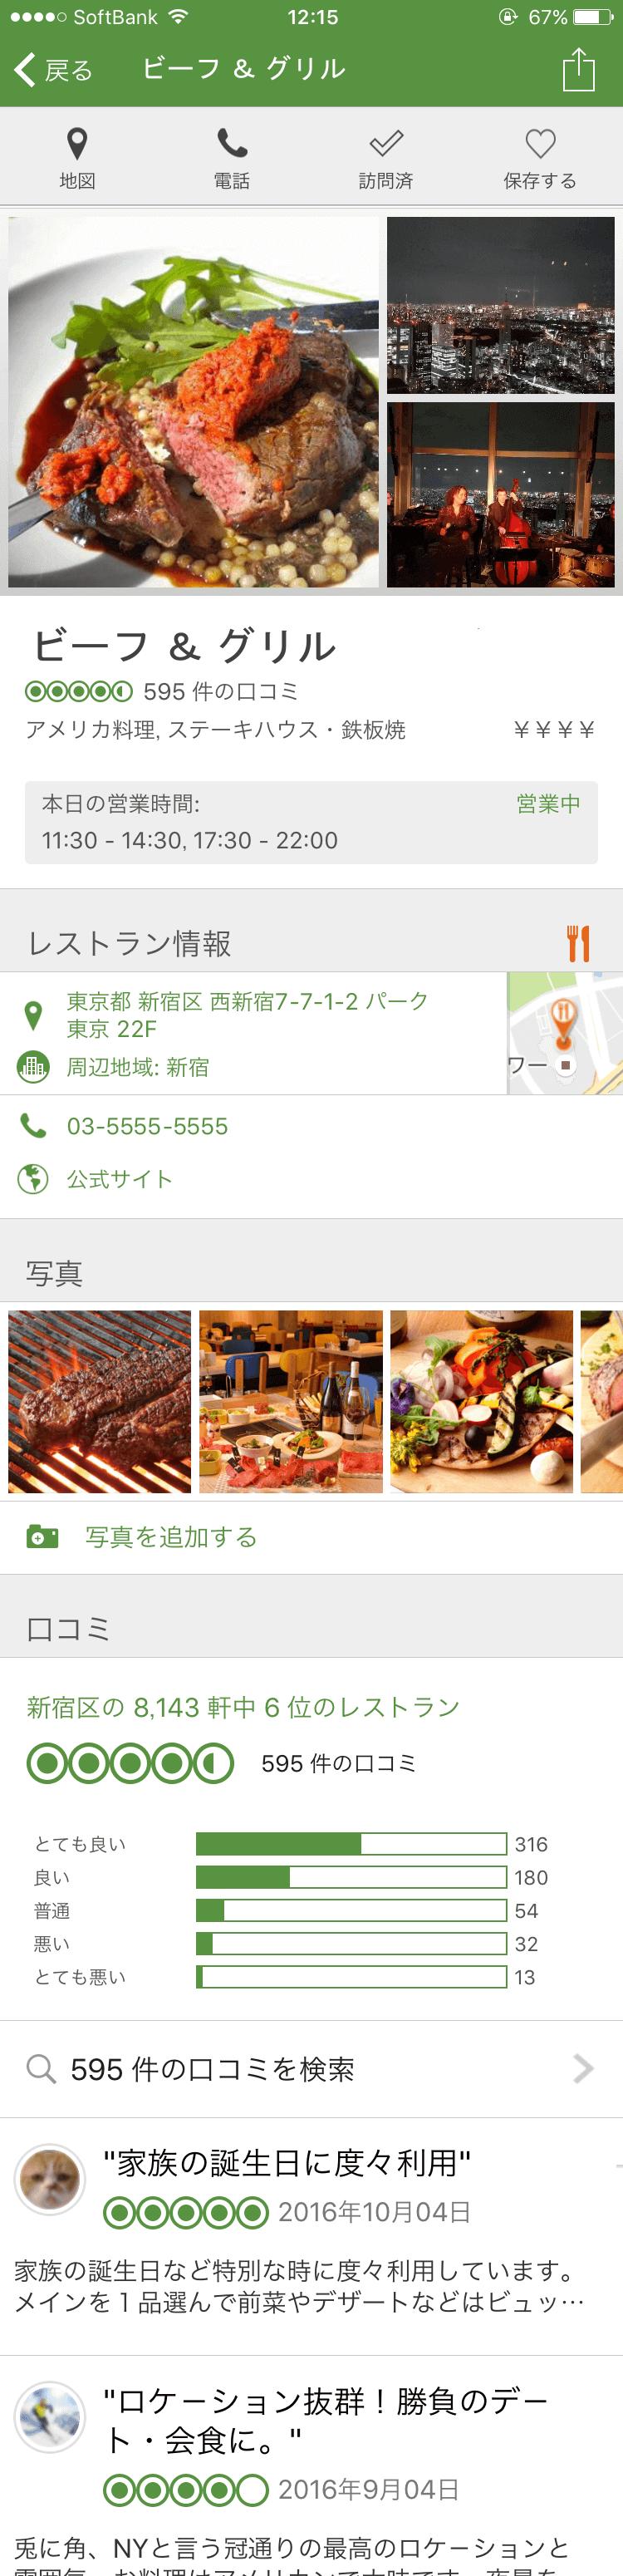 トリップアドバイザー掲載登録jp